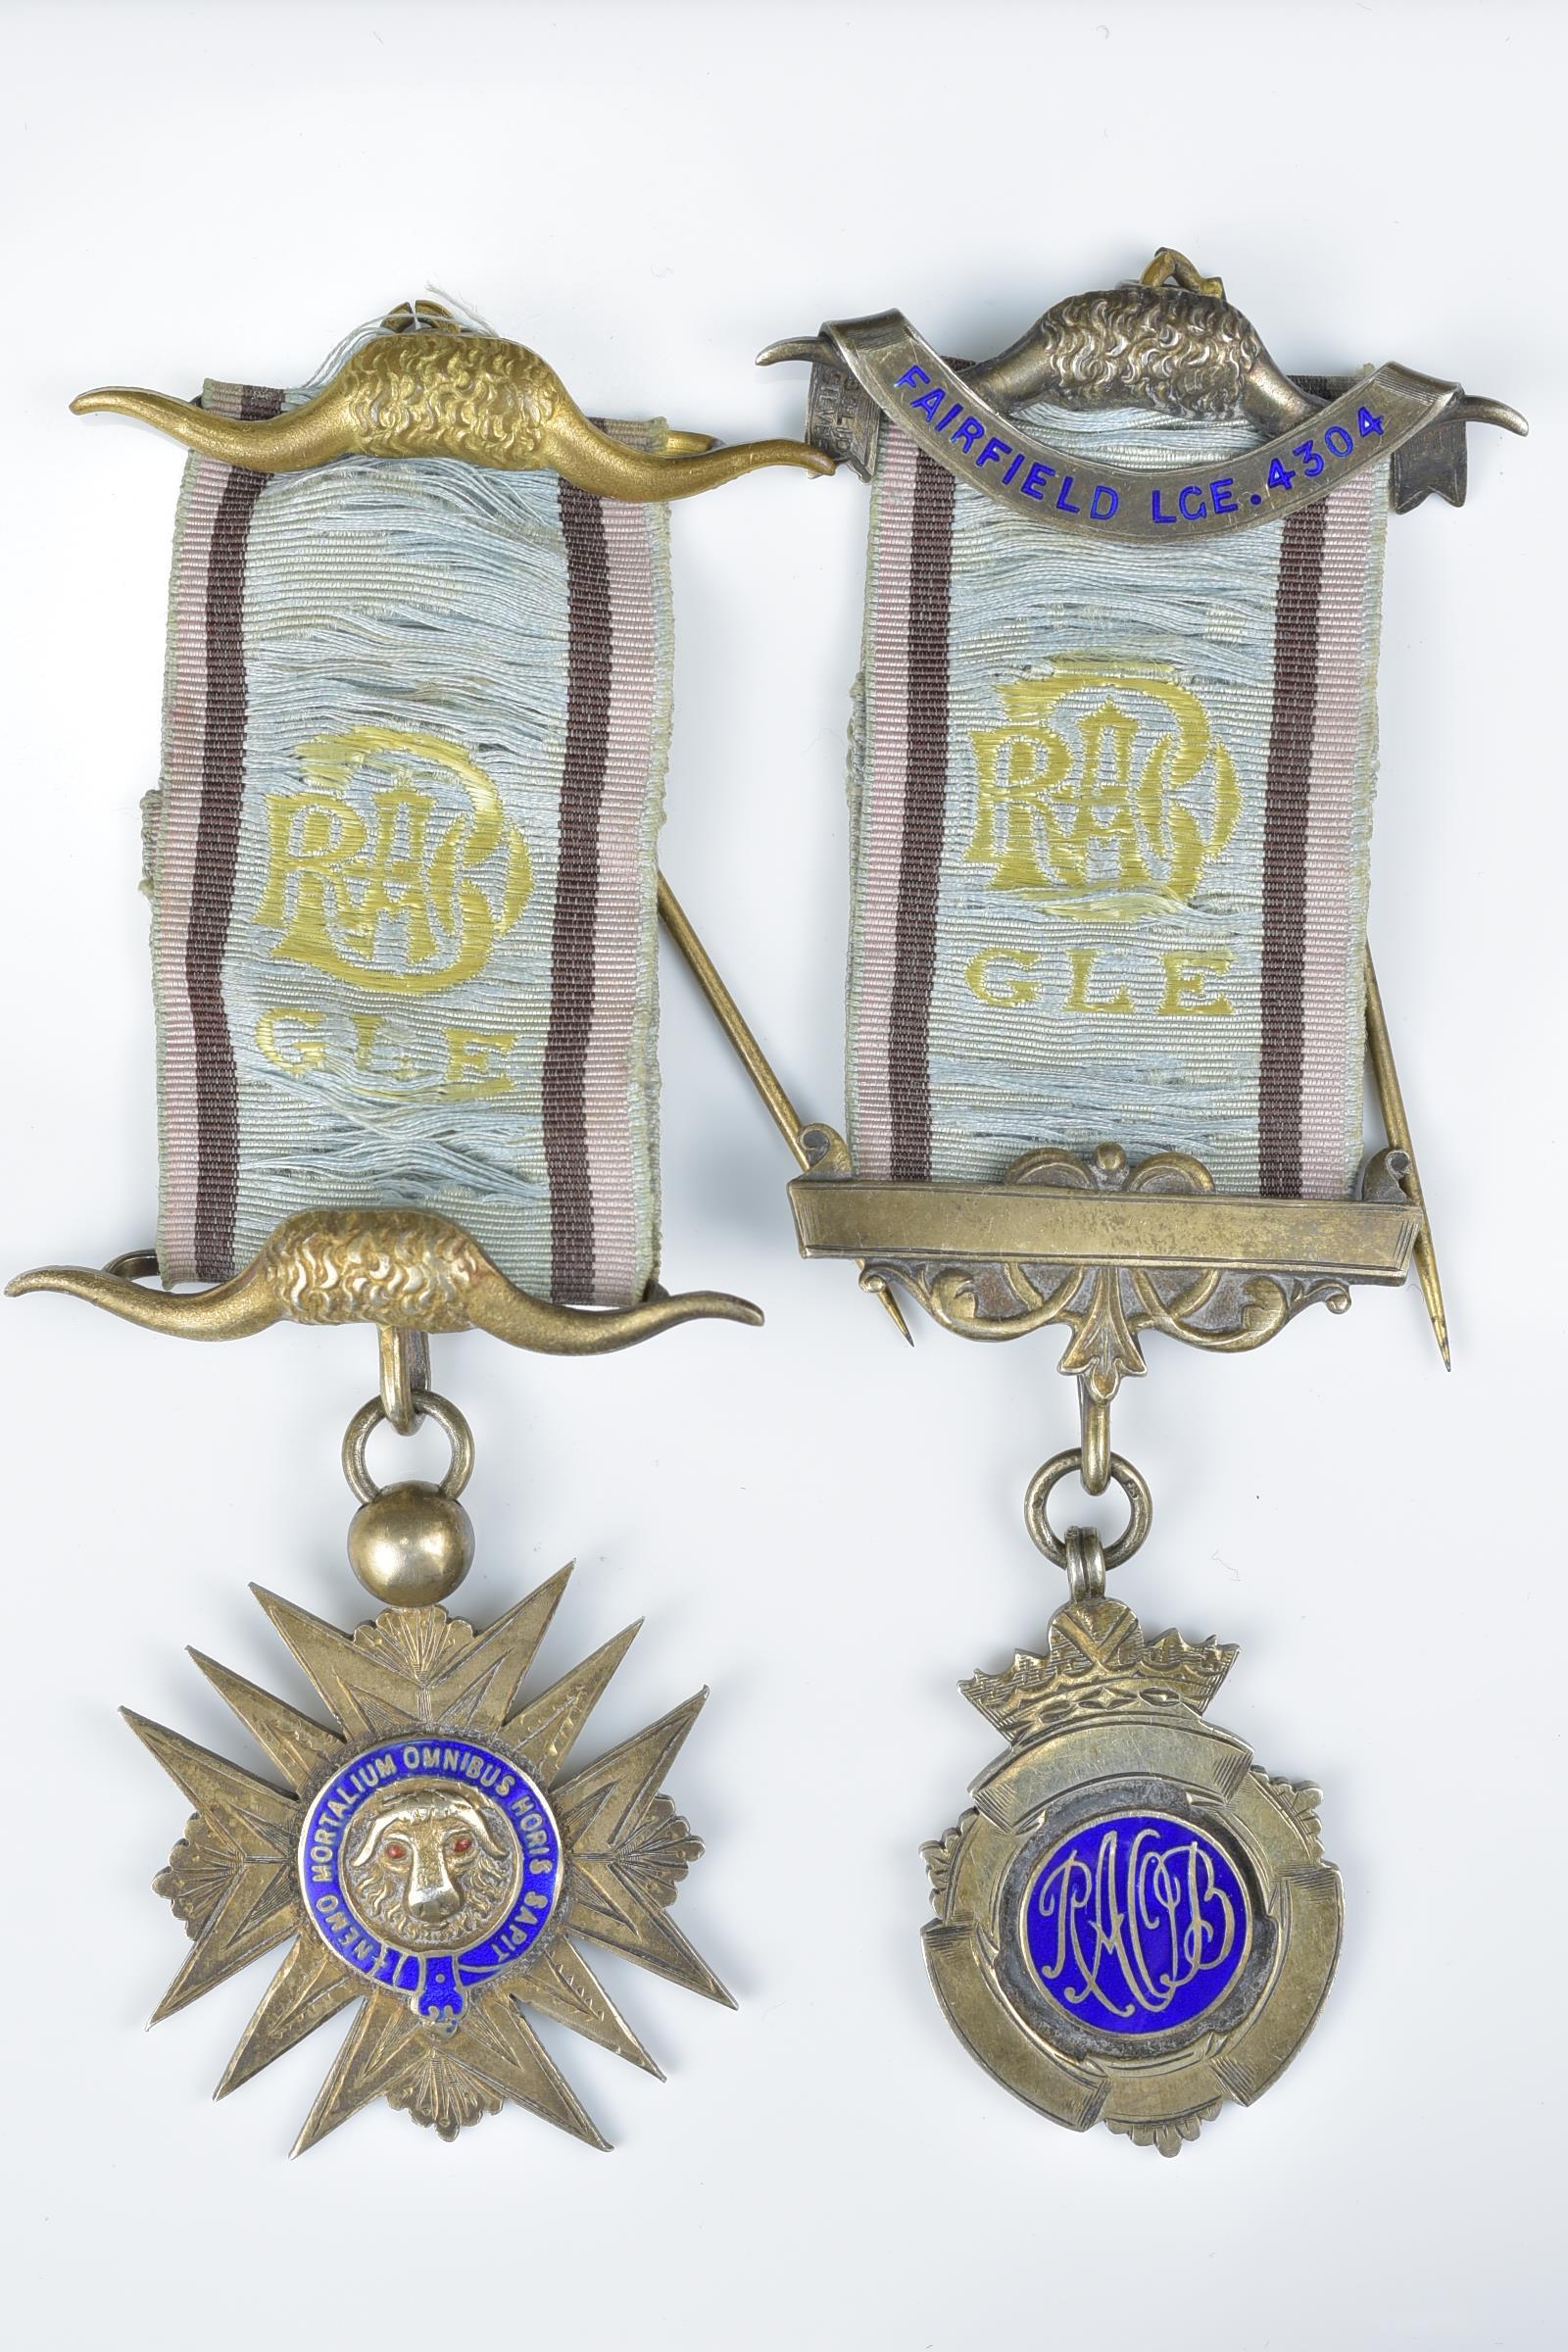 Lot 40 - Two Vintage Masonic Freemasonrymedals